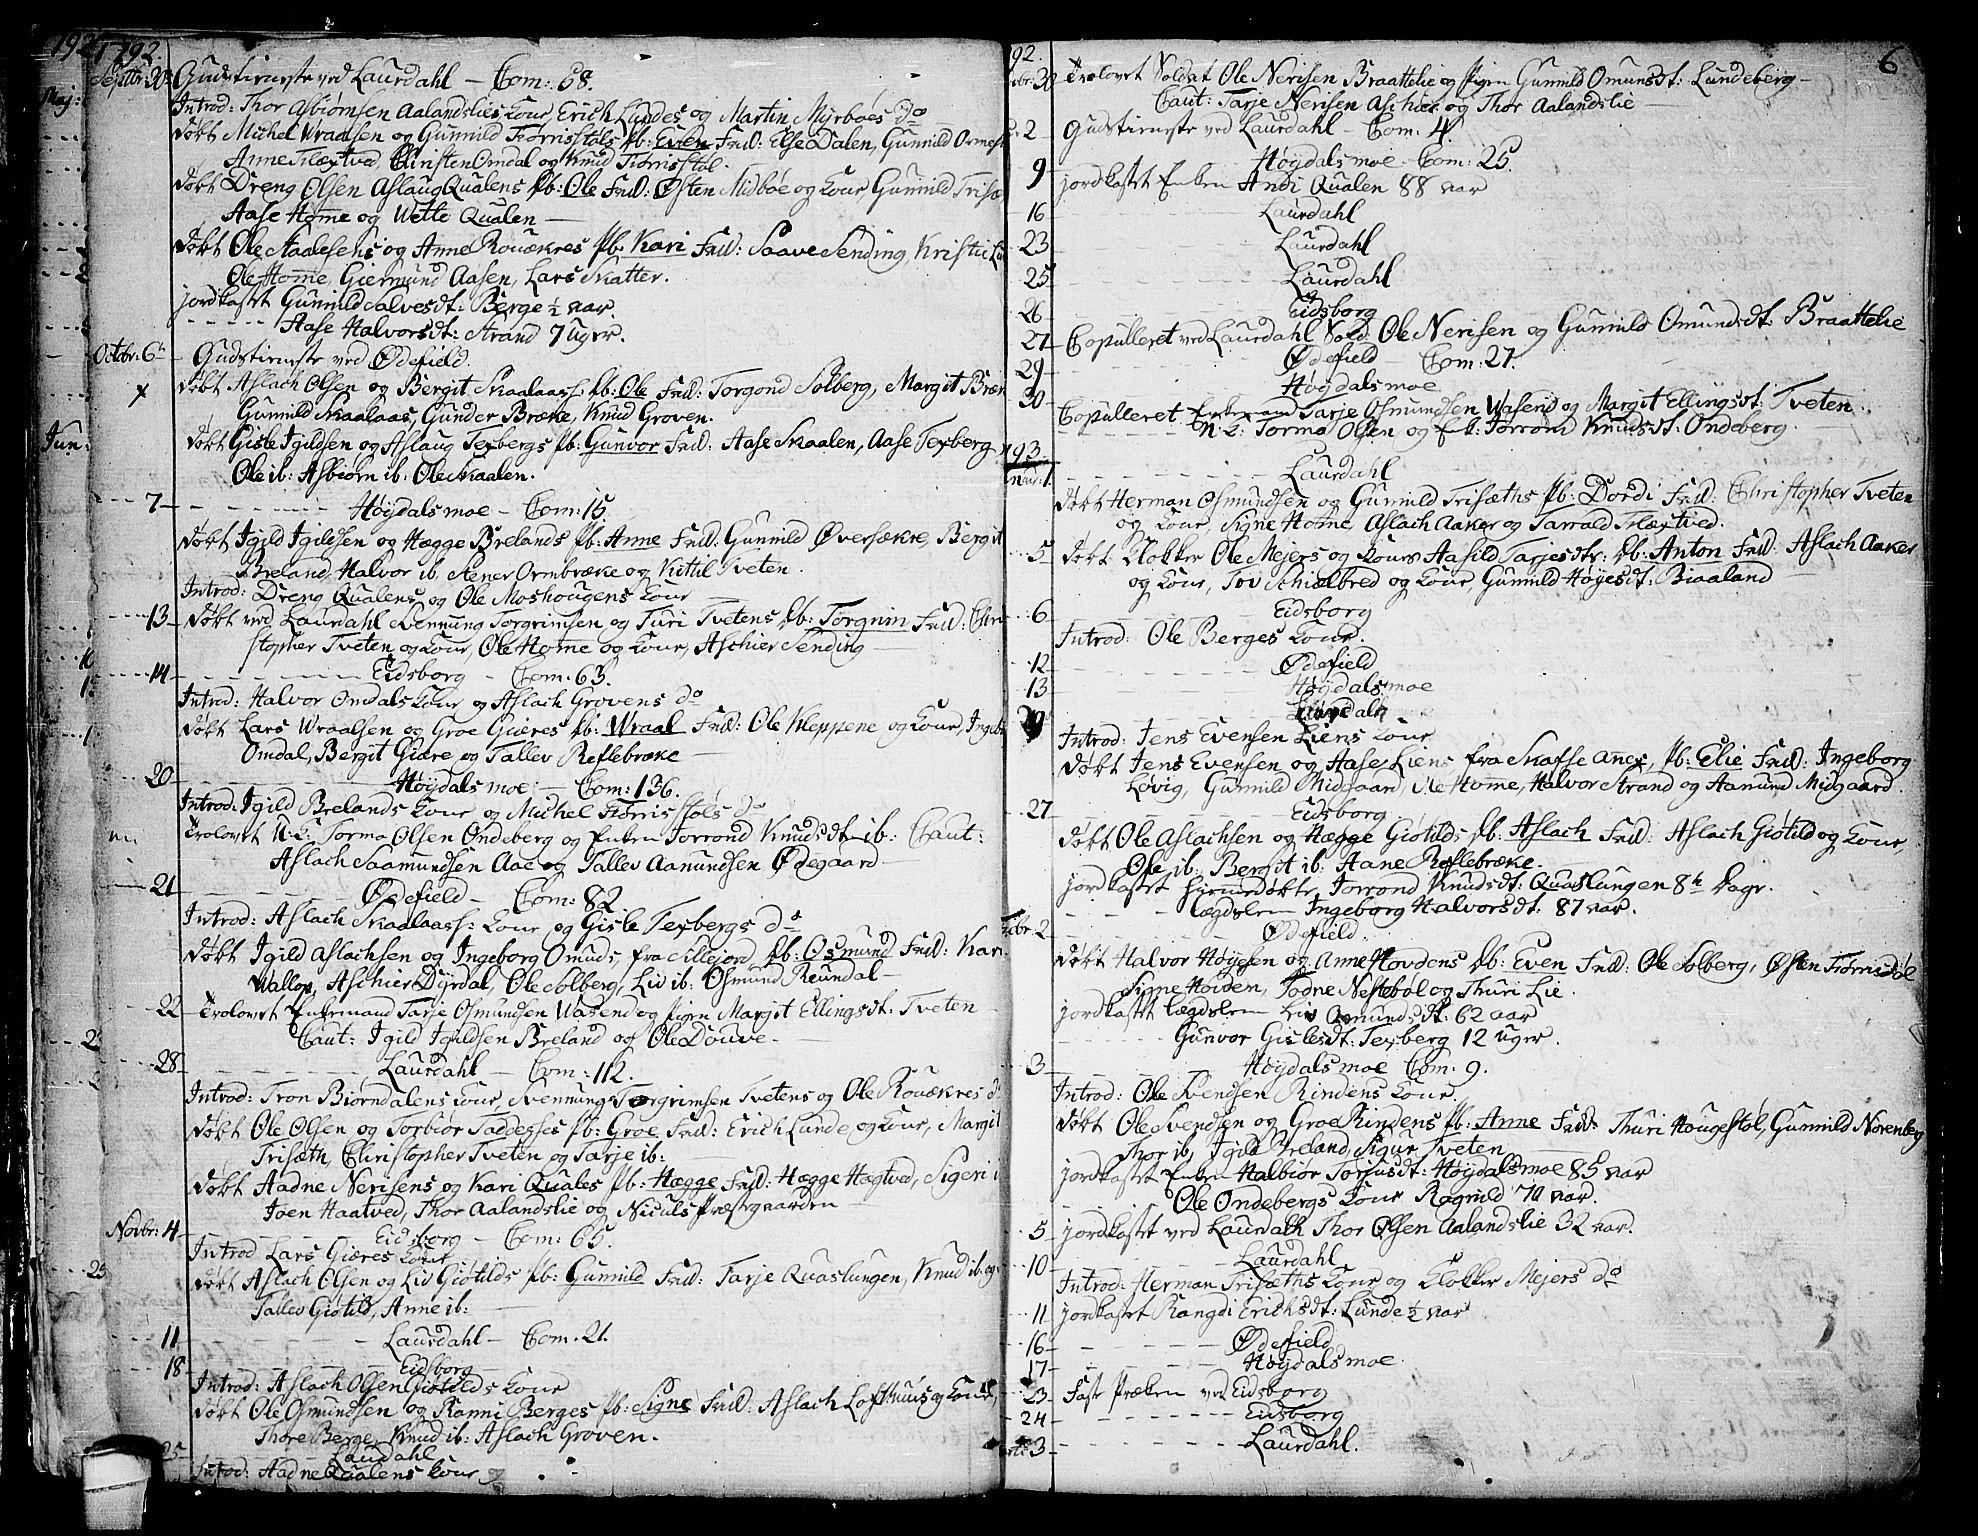 SAKO, Lårdal kirkebøker, F/Fa/L0004: Ministerialbok nr. I 4, 1790-1814, s. 6